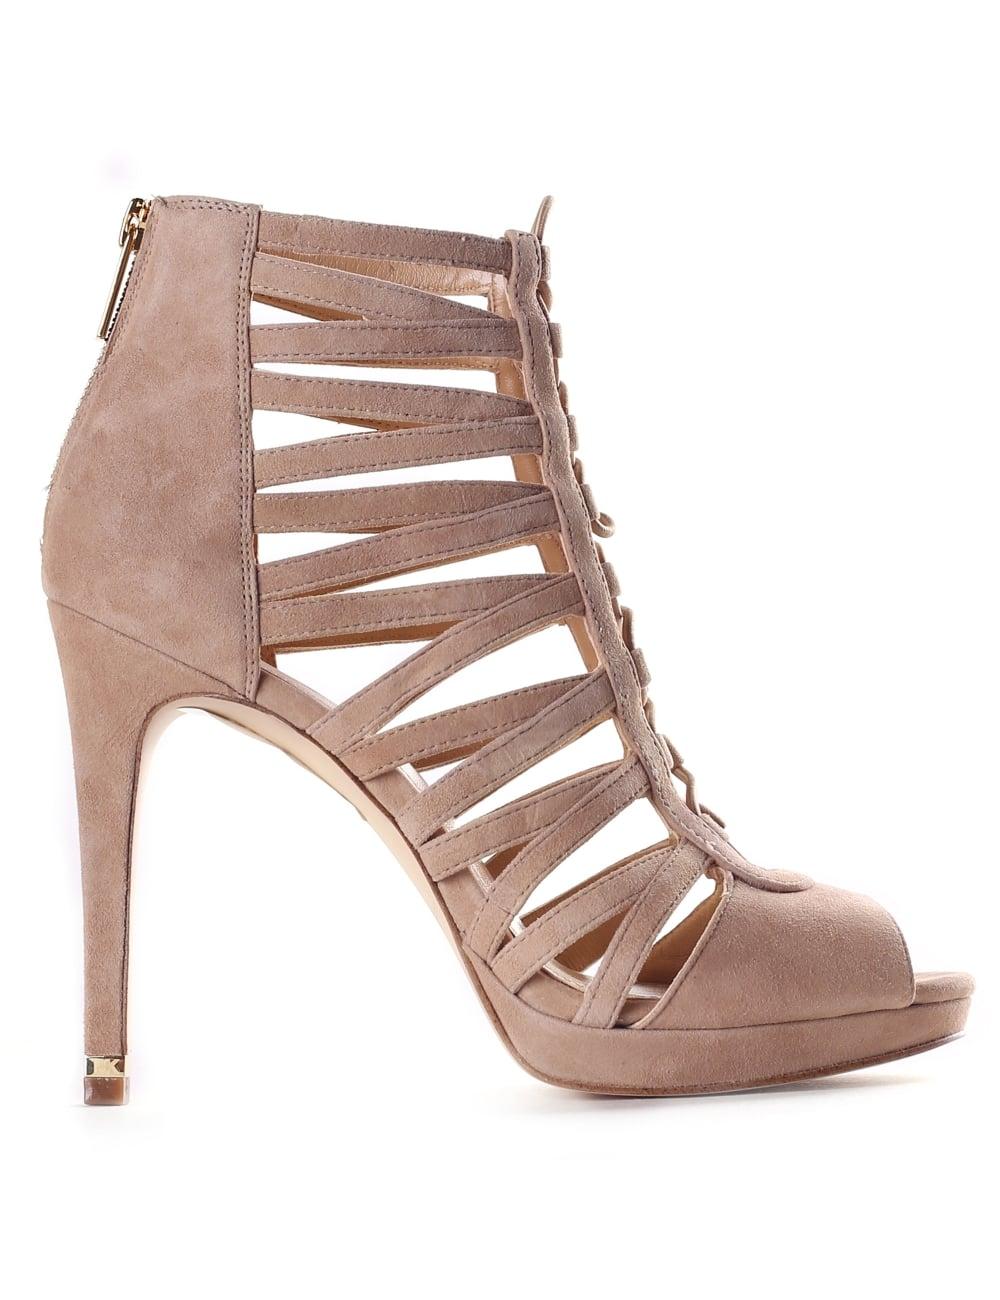 ebf01e9da995 Michael Kors Women s Clarissa Platform Heels